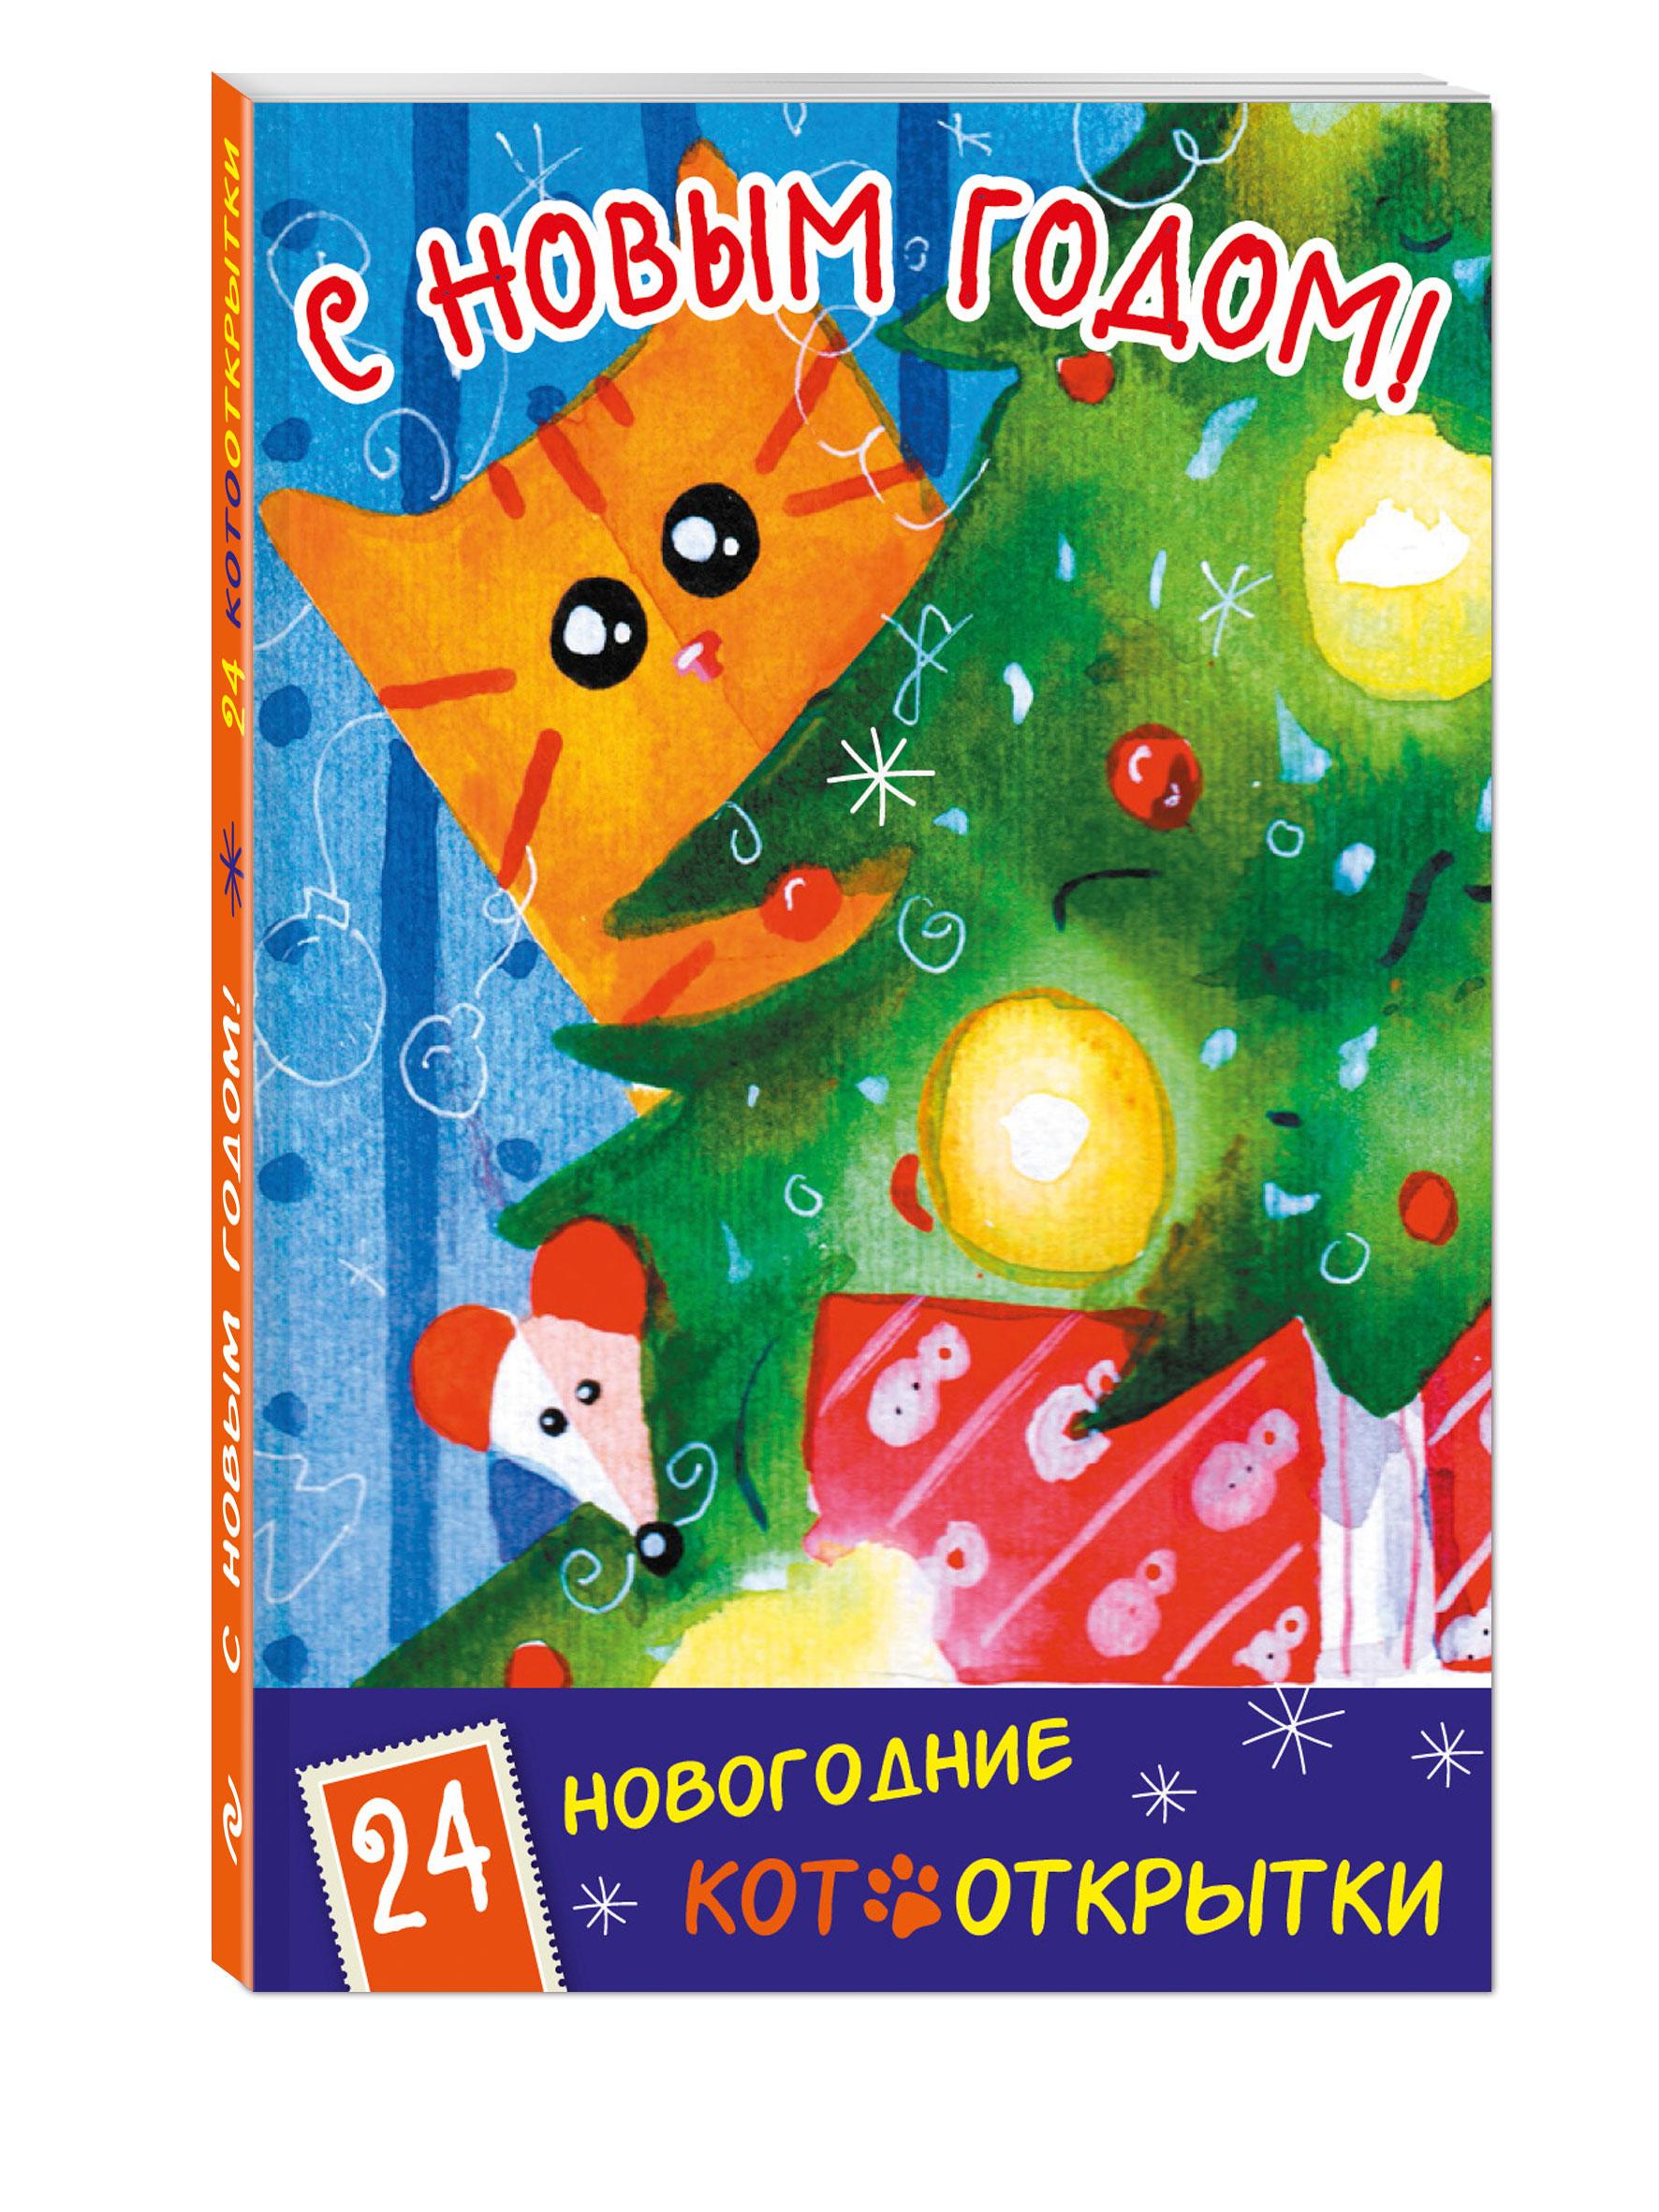 С Новым Годом! 24 новогодние котооткрытки (Котик и елка)